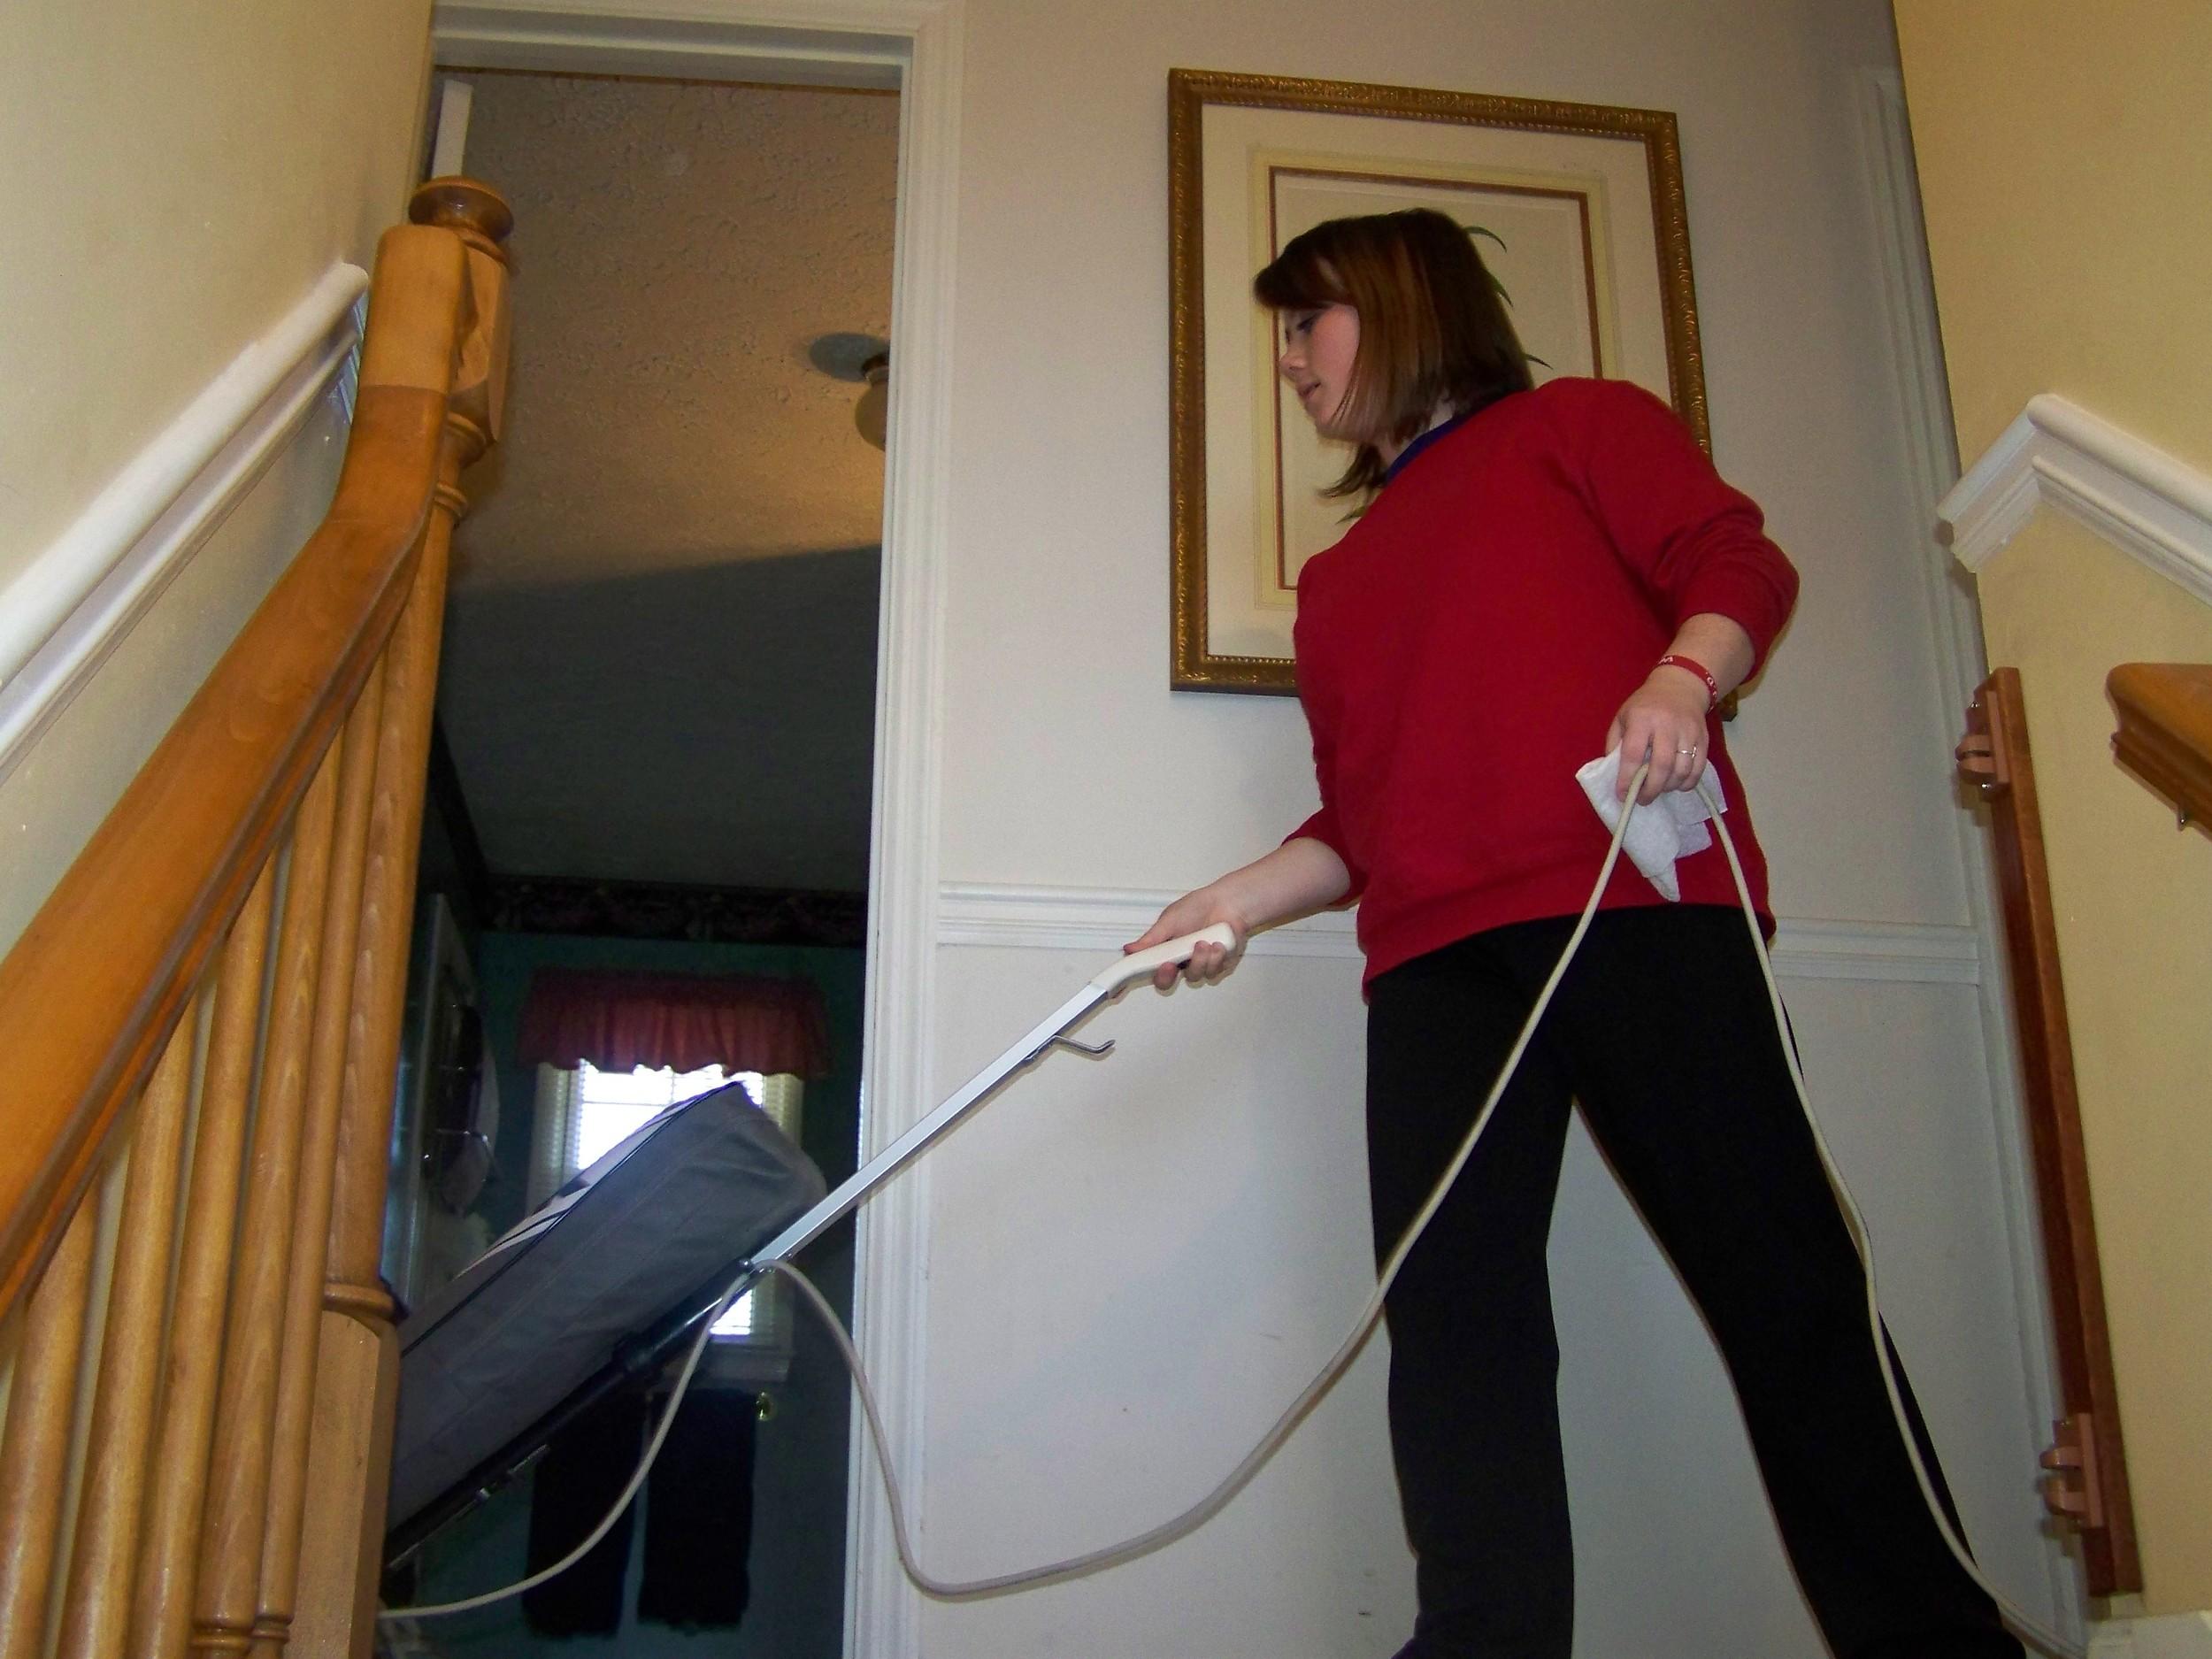 04 Vacuuming 100_8819.JPG